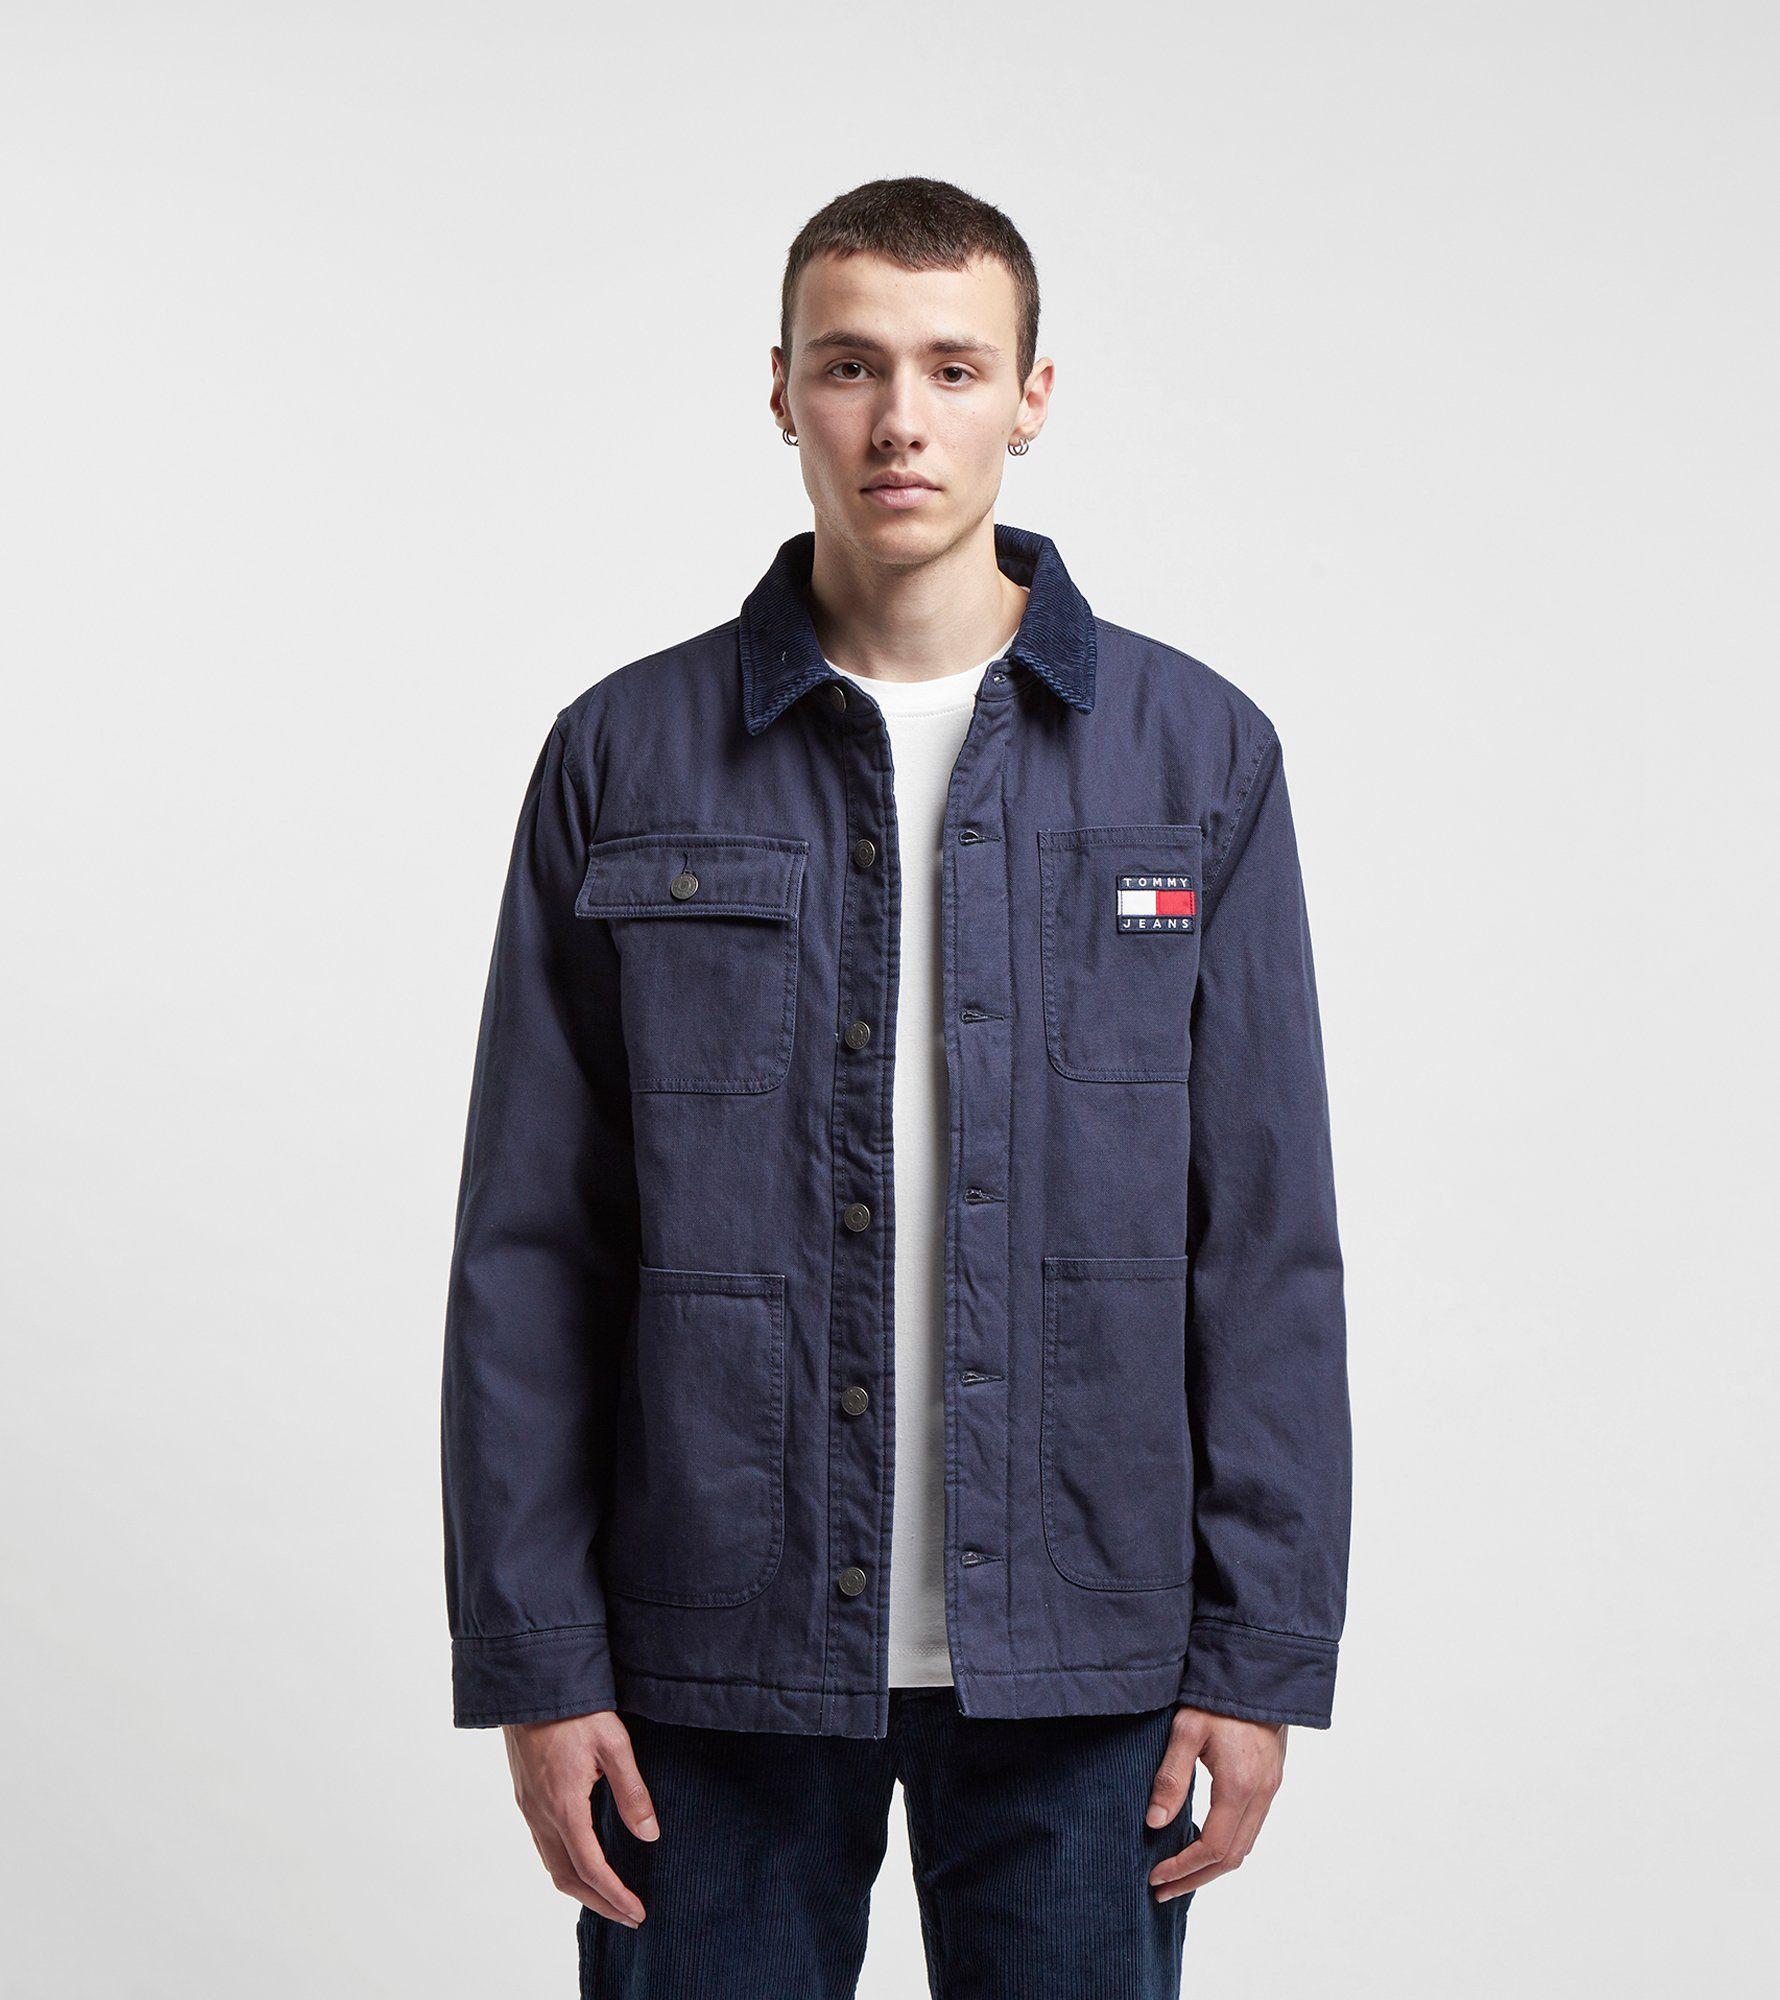 Tommy Jeans Workwear Jacket by Tommy Jeans